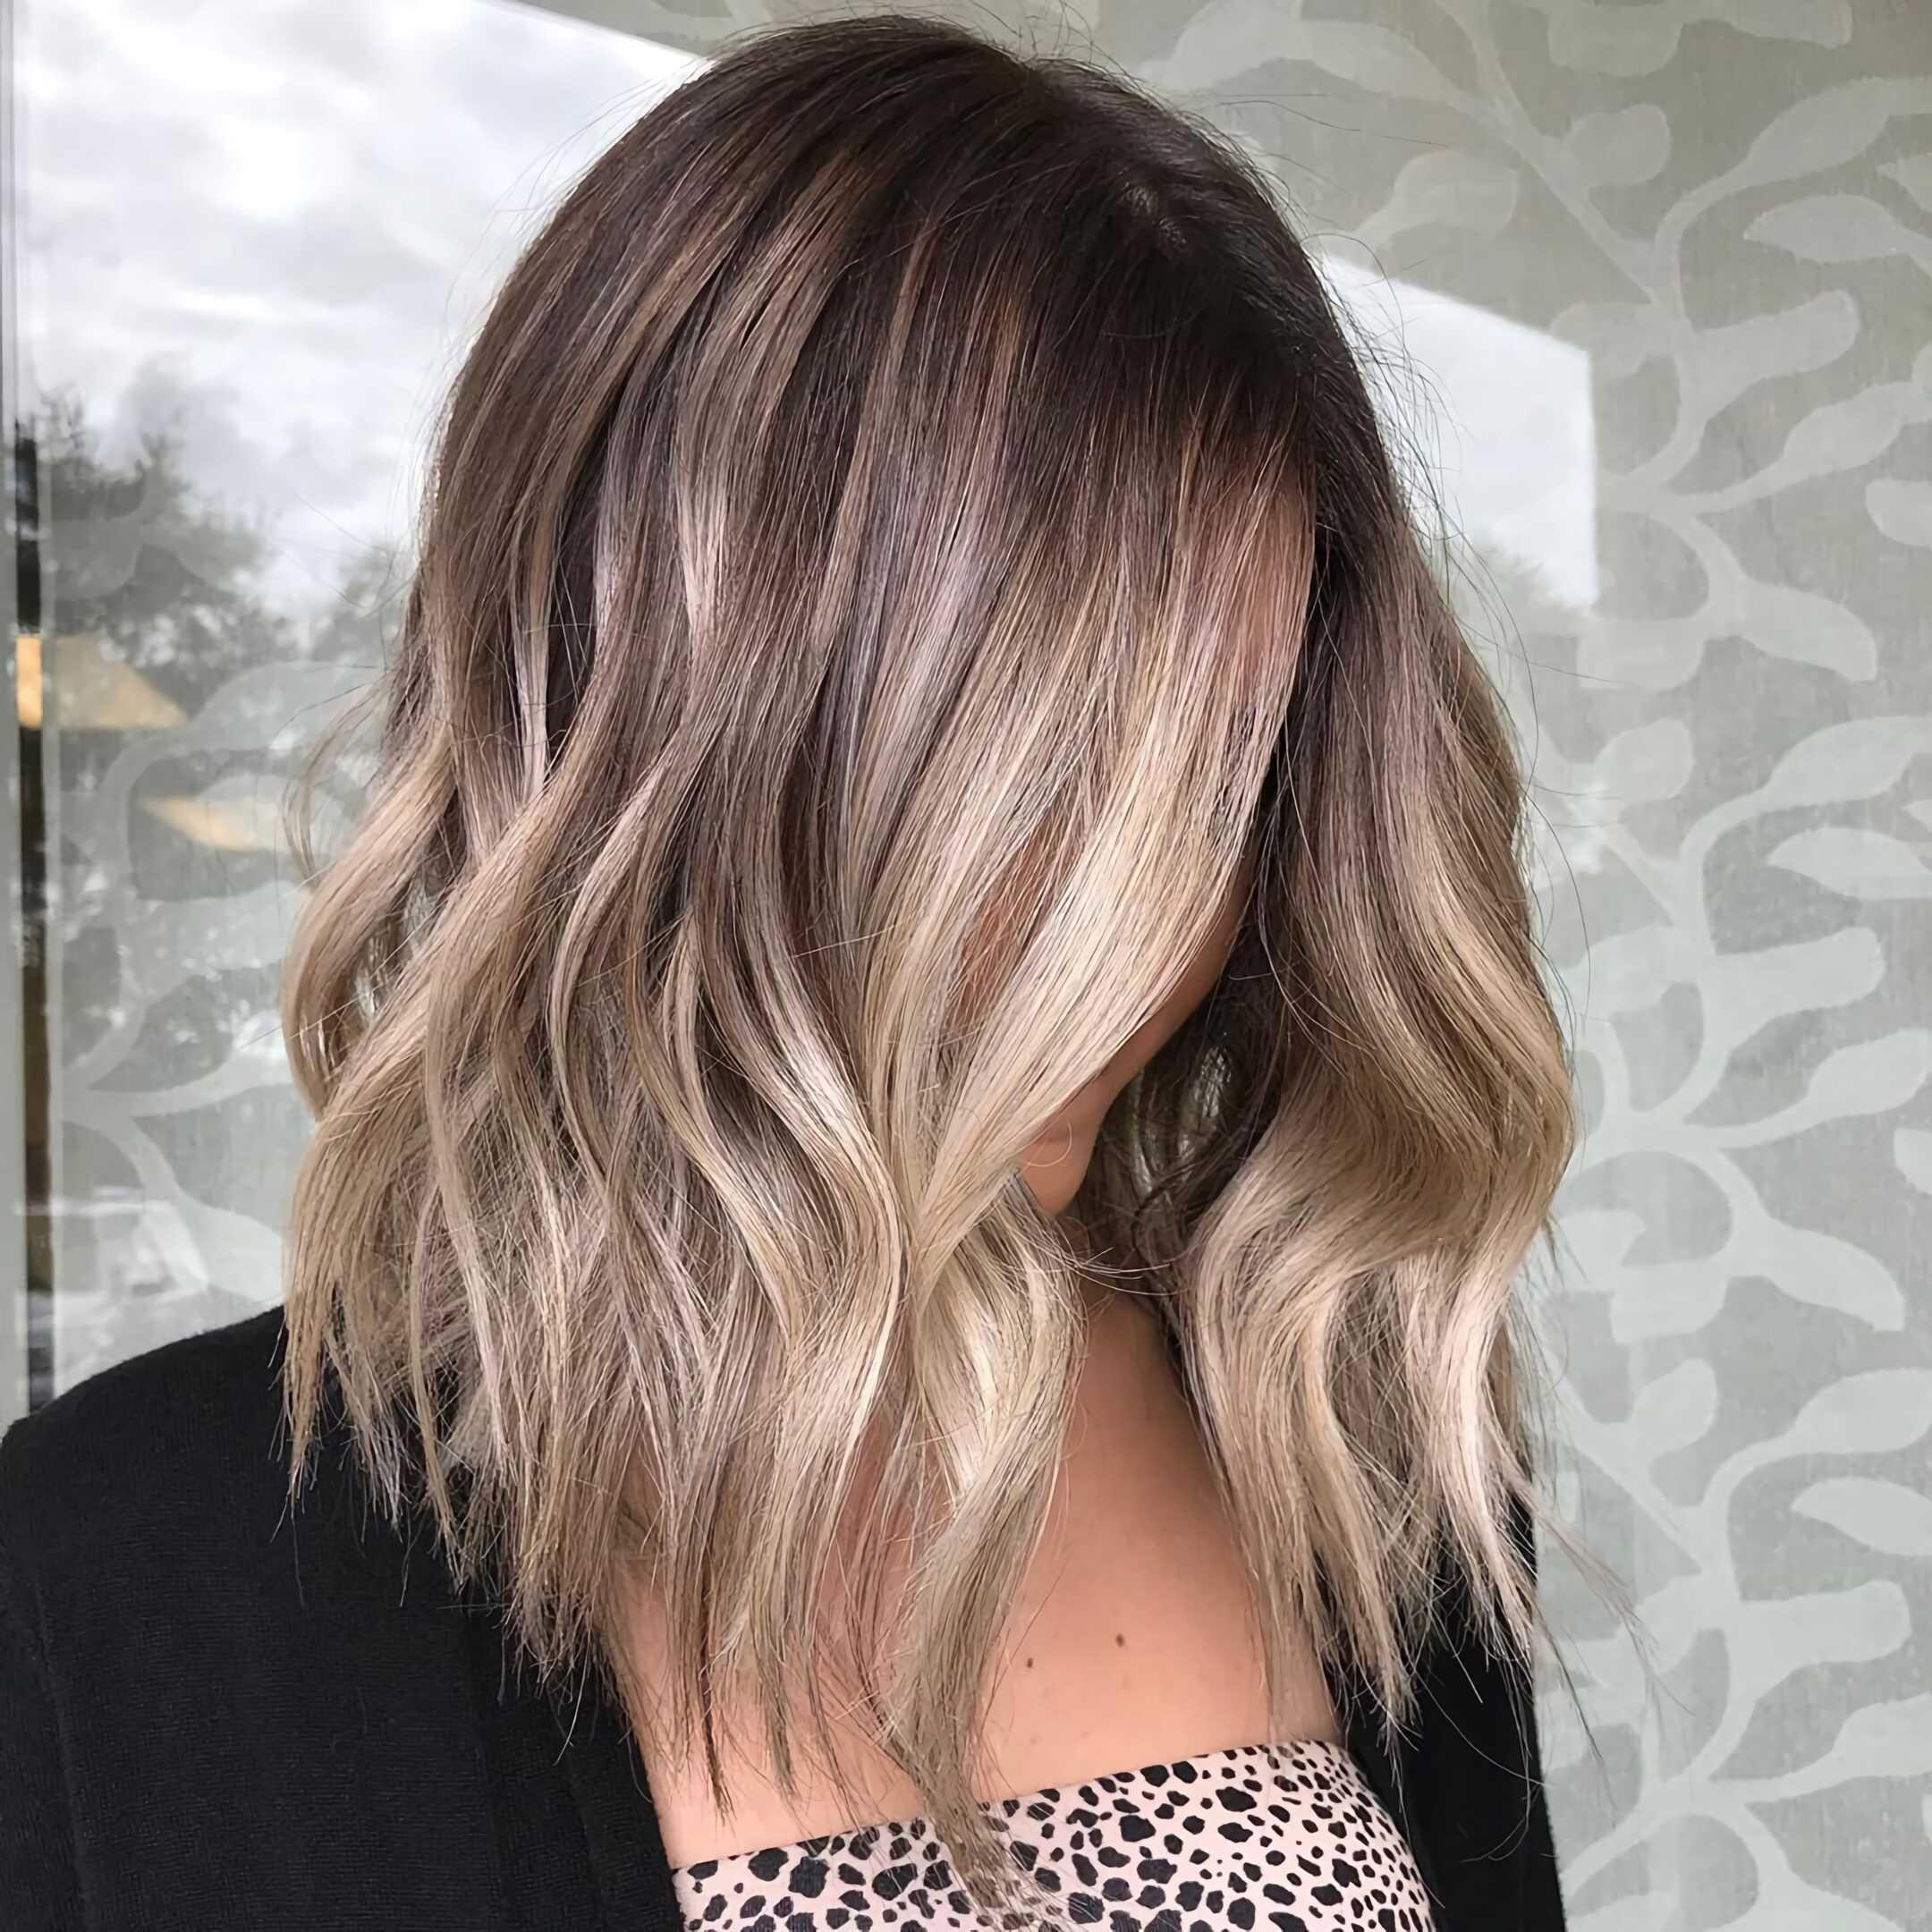 окрашивание балаж на короткие волосы